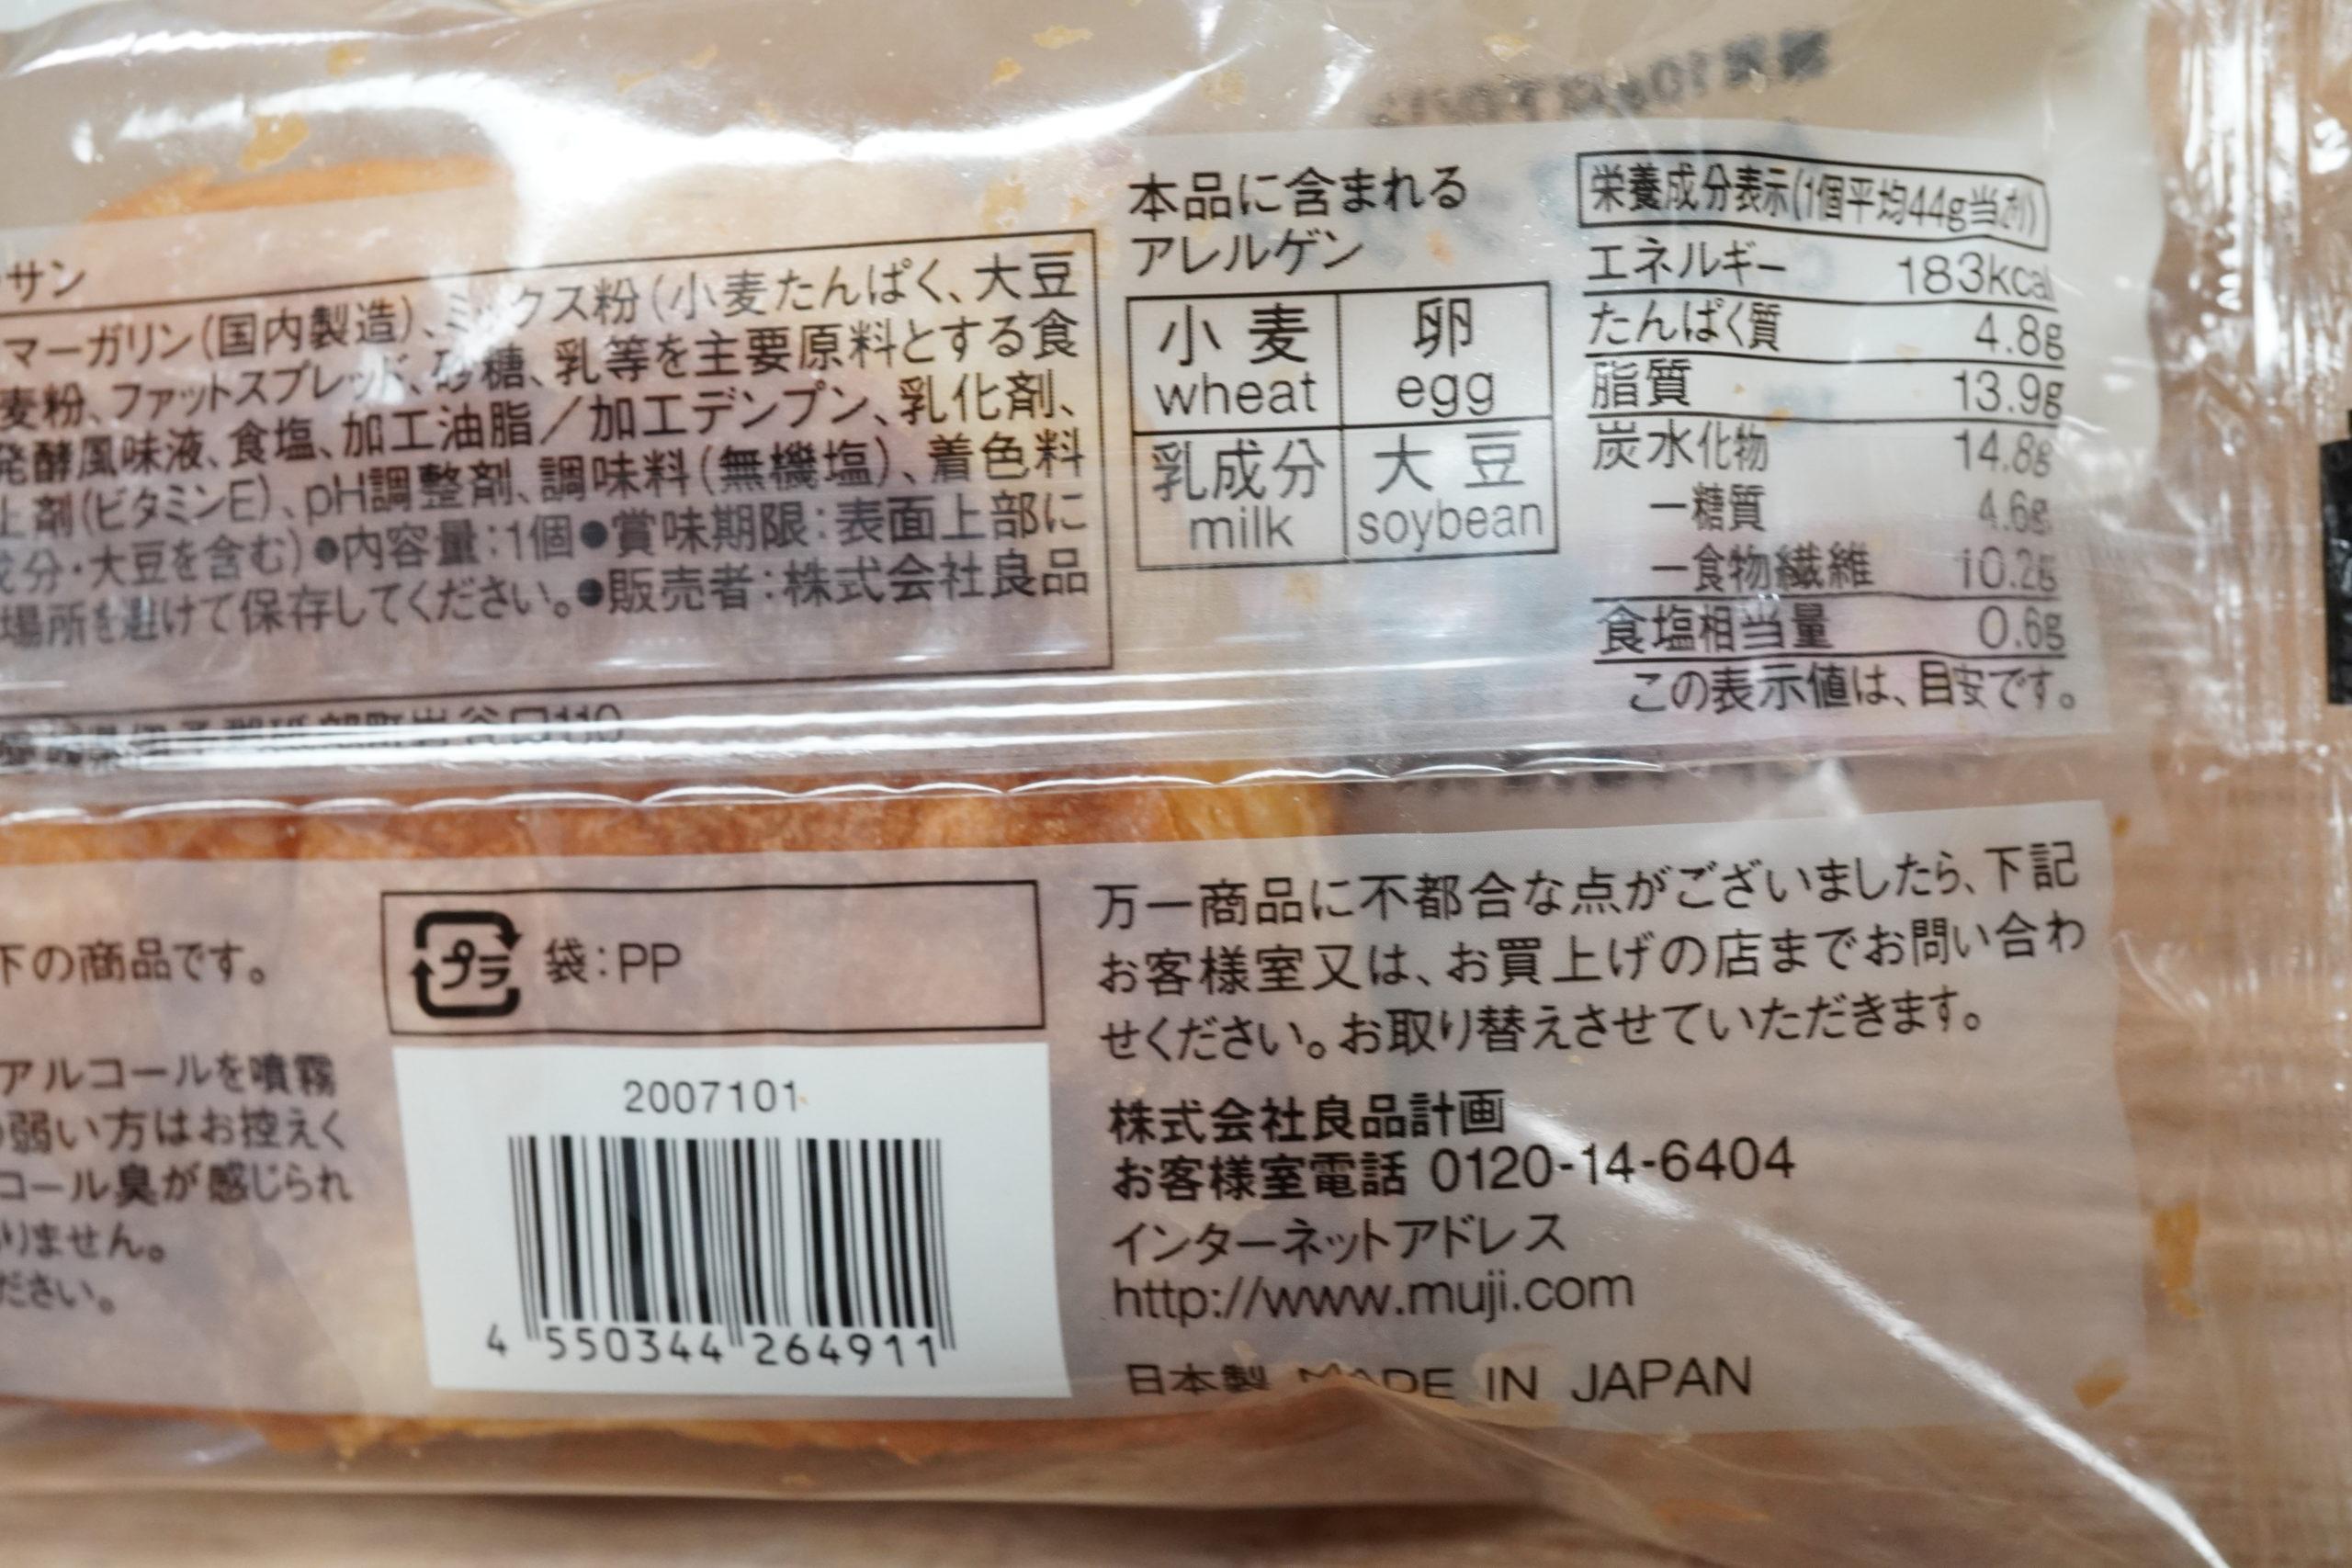 糖質10g以下のパン クロワッサン